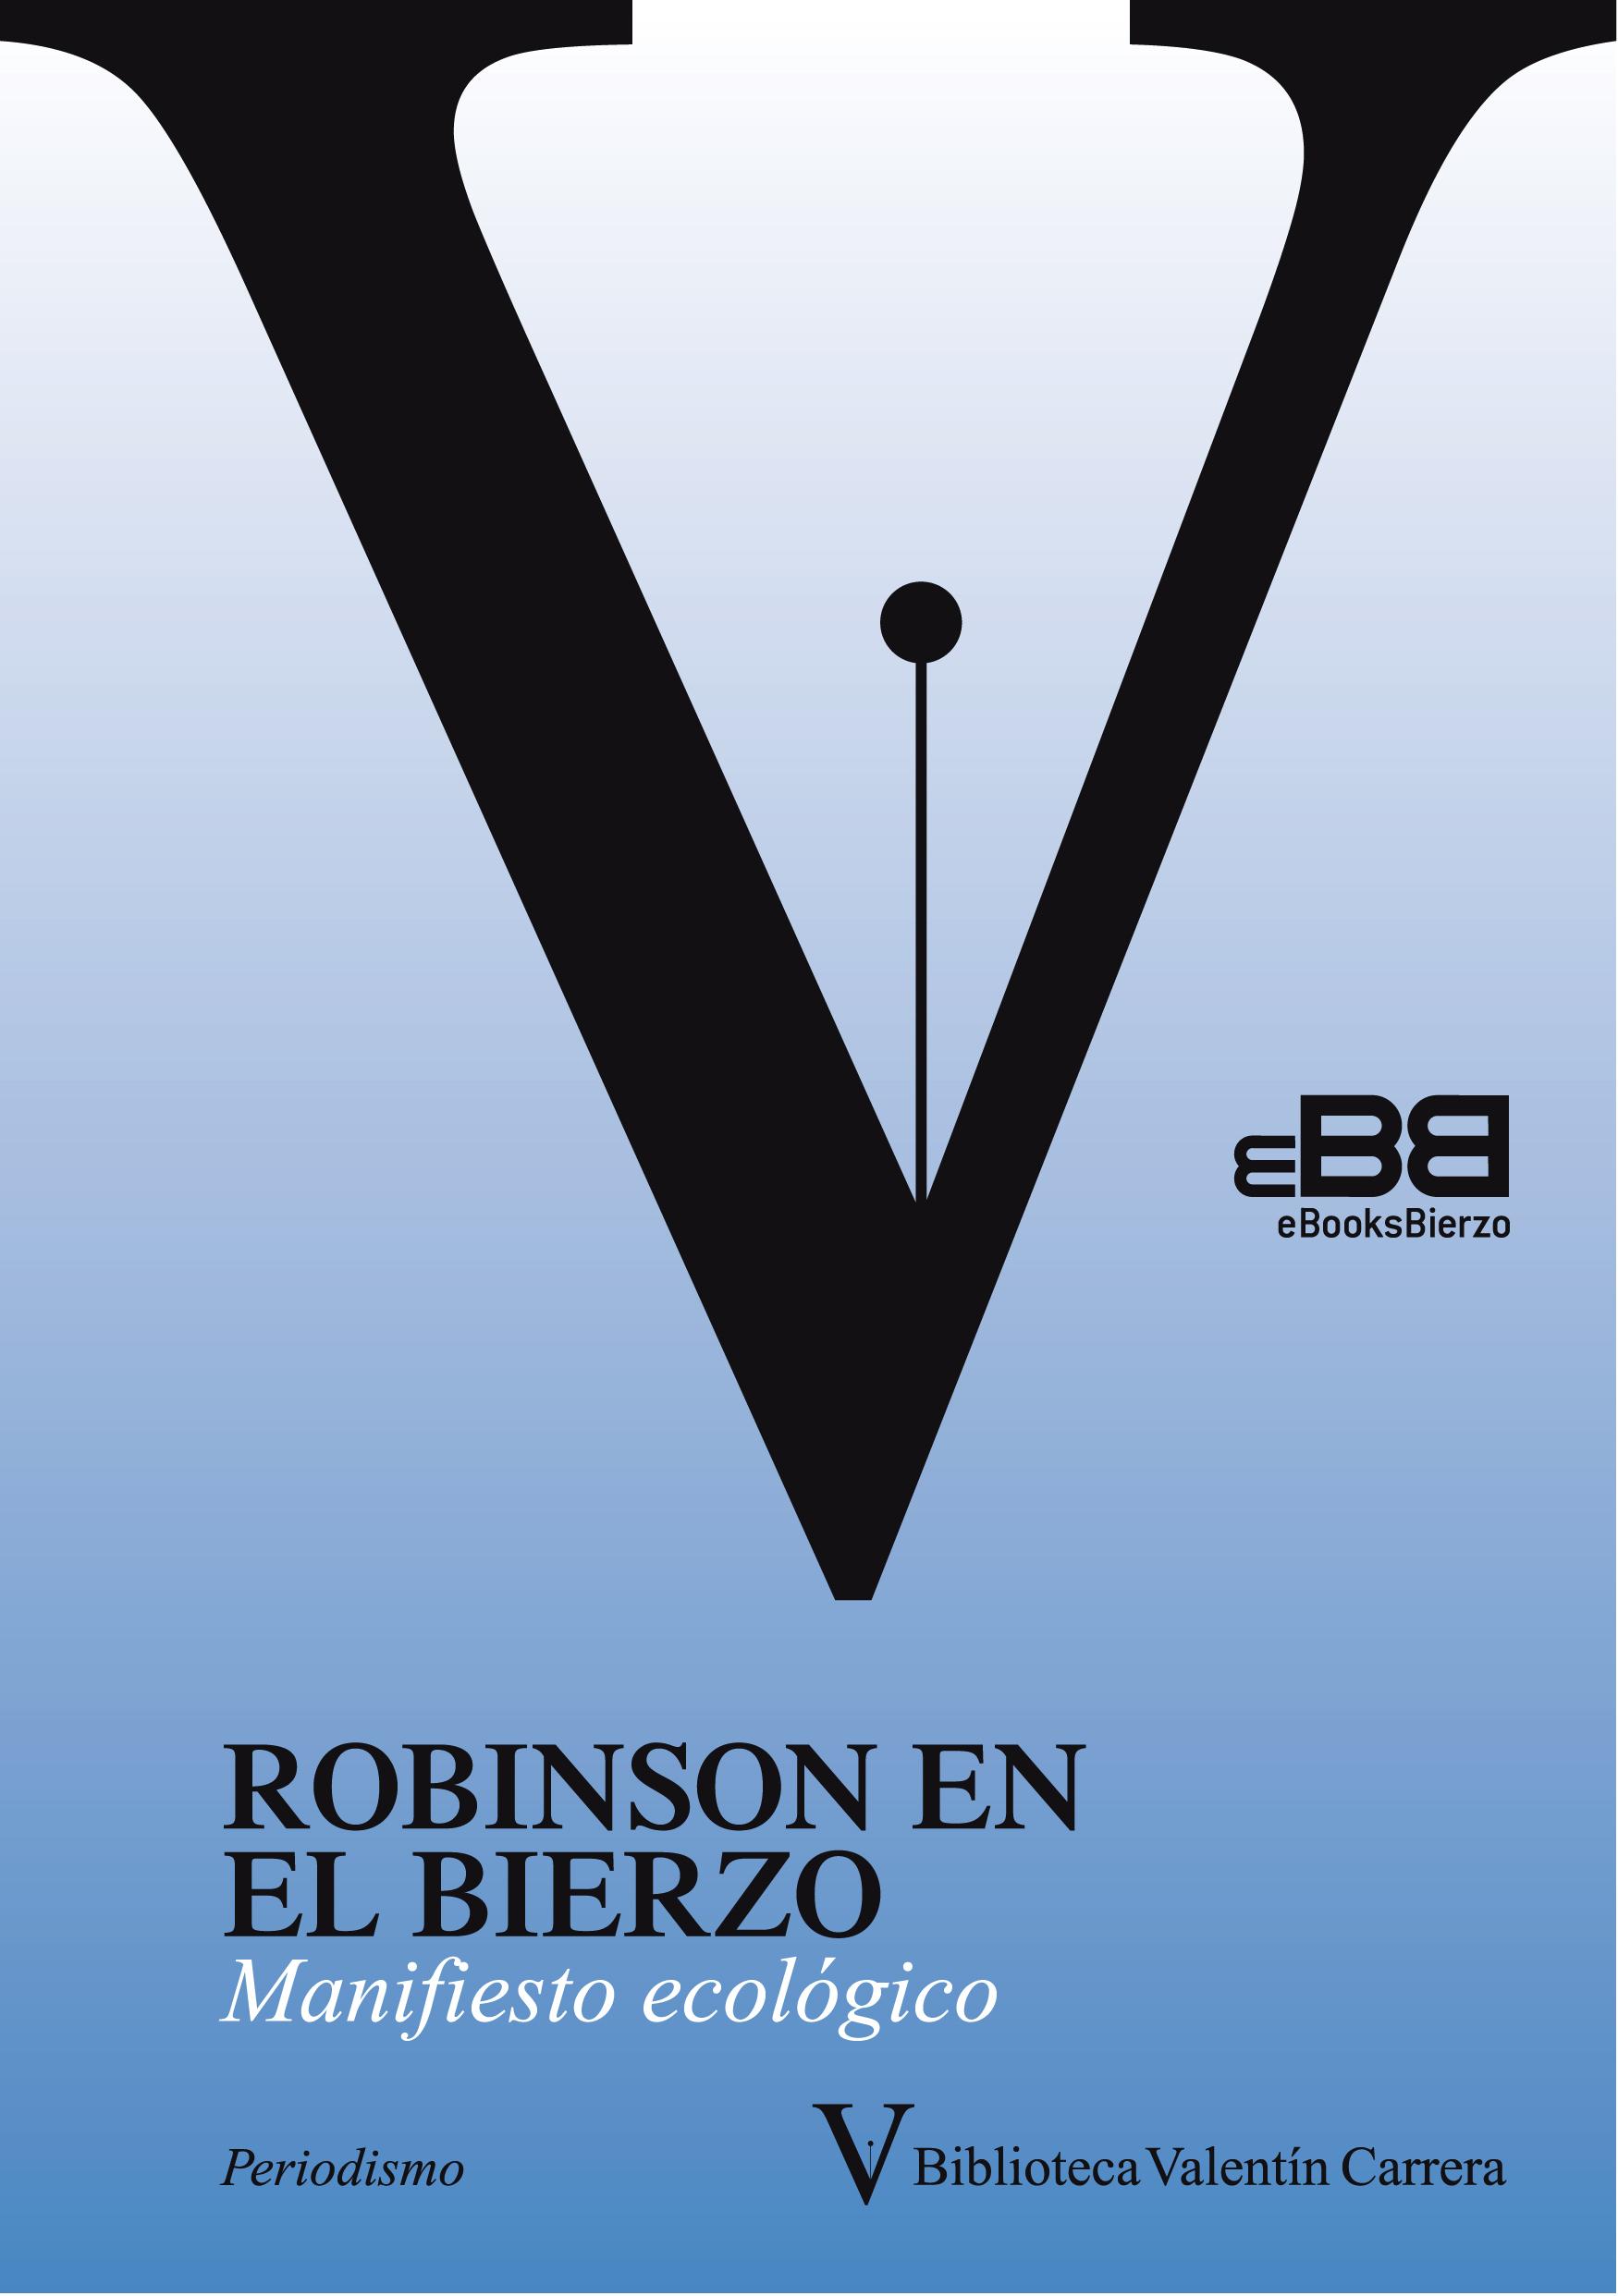 Robinson en El Bierzo